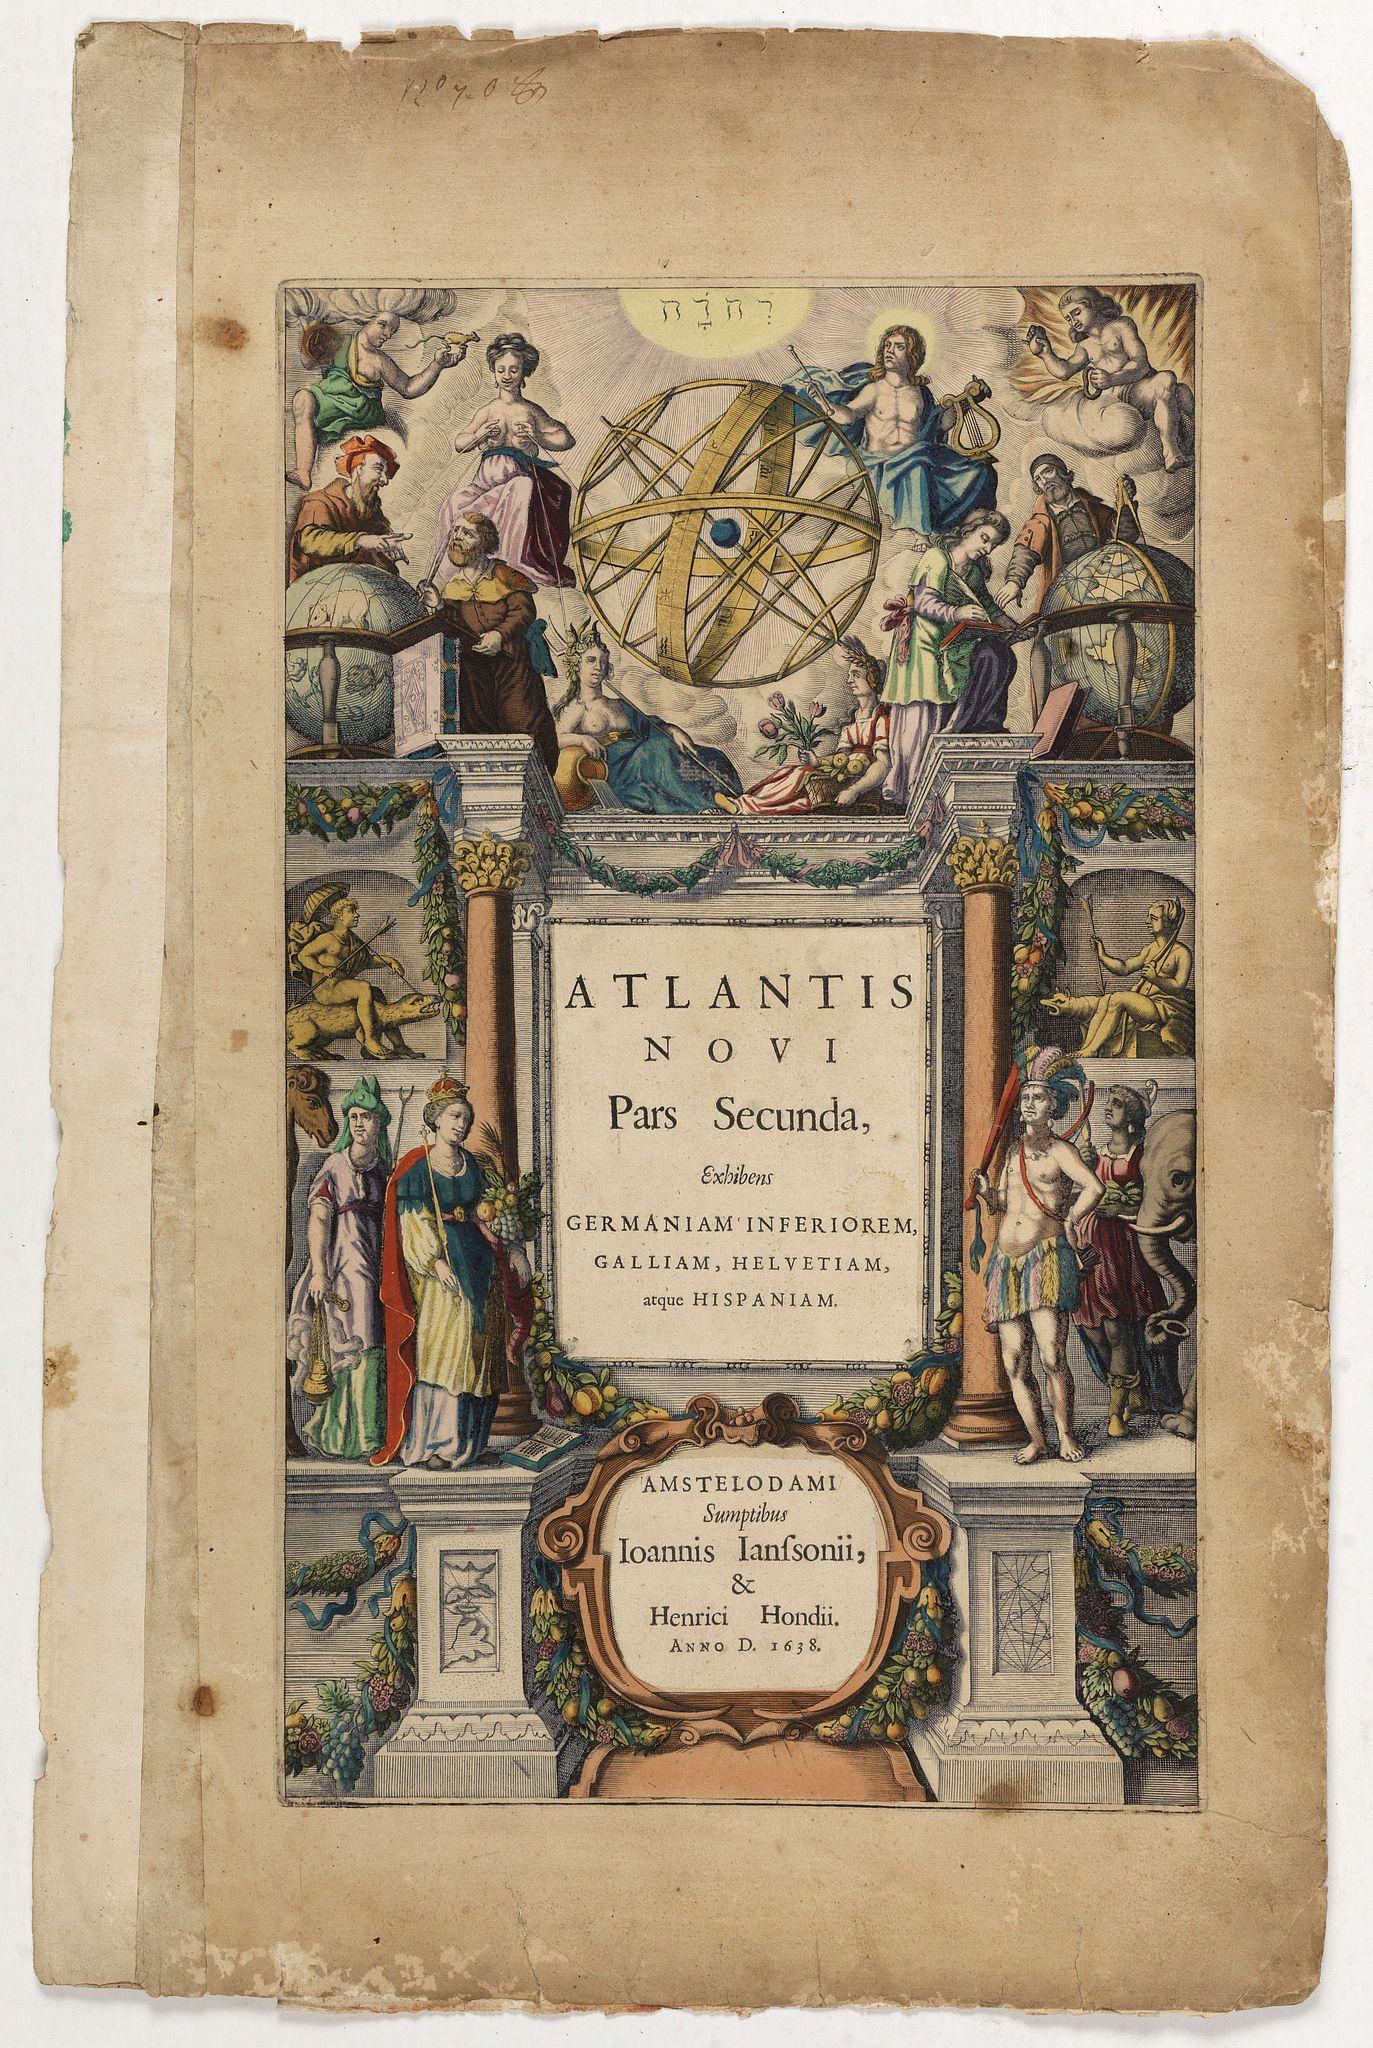 JANSSONIUS, J. / HONDIUS, H. -  [Title page] Atlantis Novi Pars Secunda, exhibens Germaniam inferiorem, Galliam, Helvetiam, atque Hispaniam.